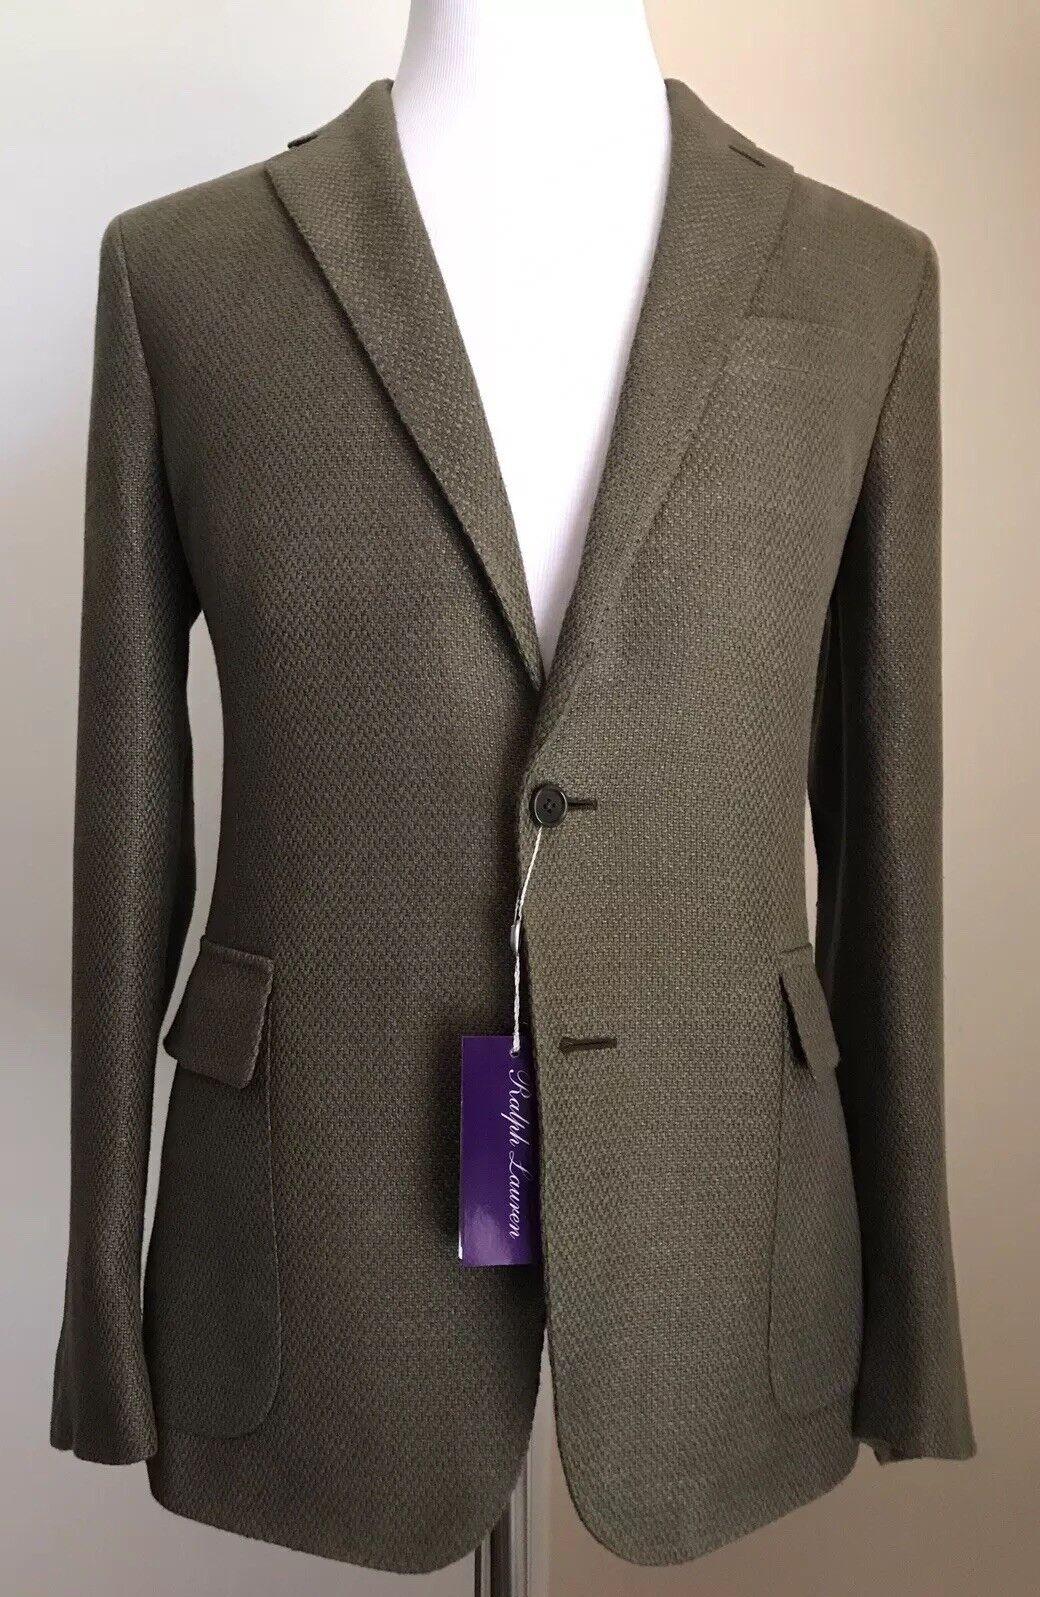 NWT 1995 Ralph Lauren lila Label  Herren Sport Coat Blazer Olive 40R